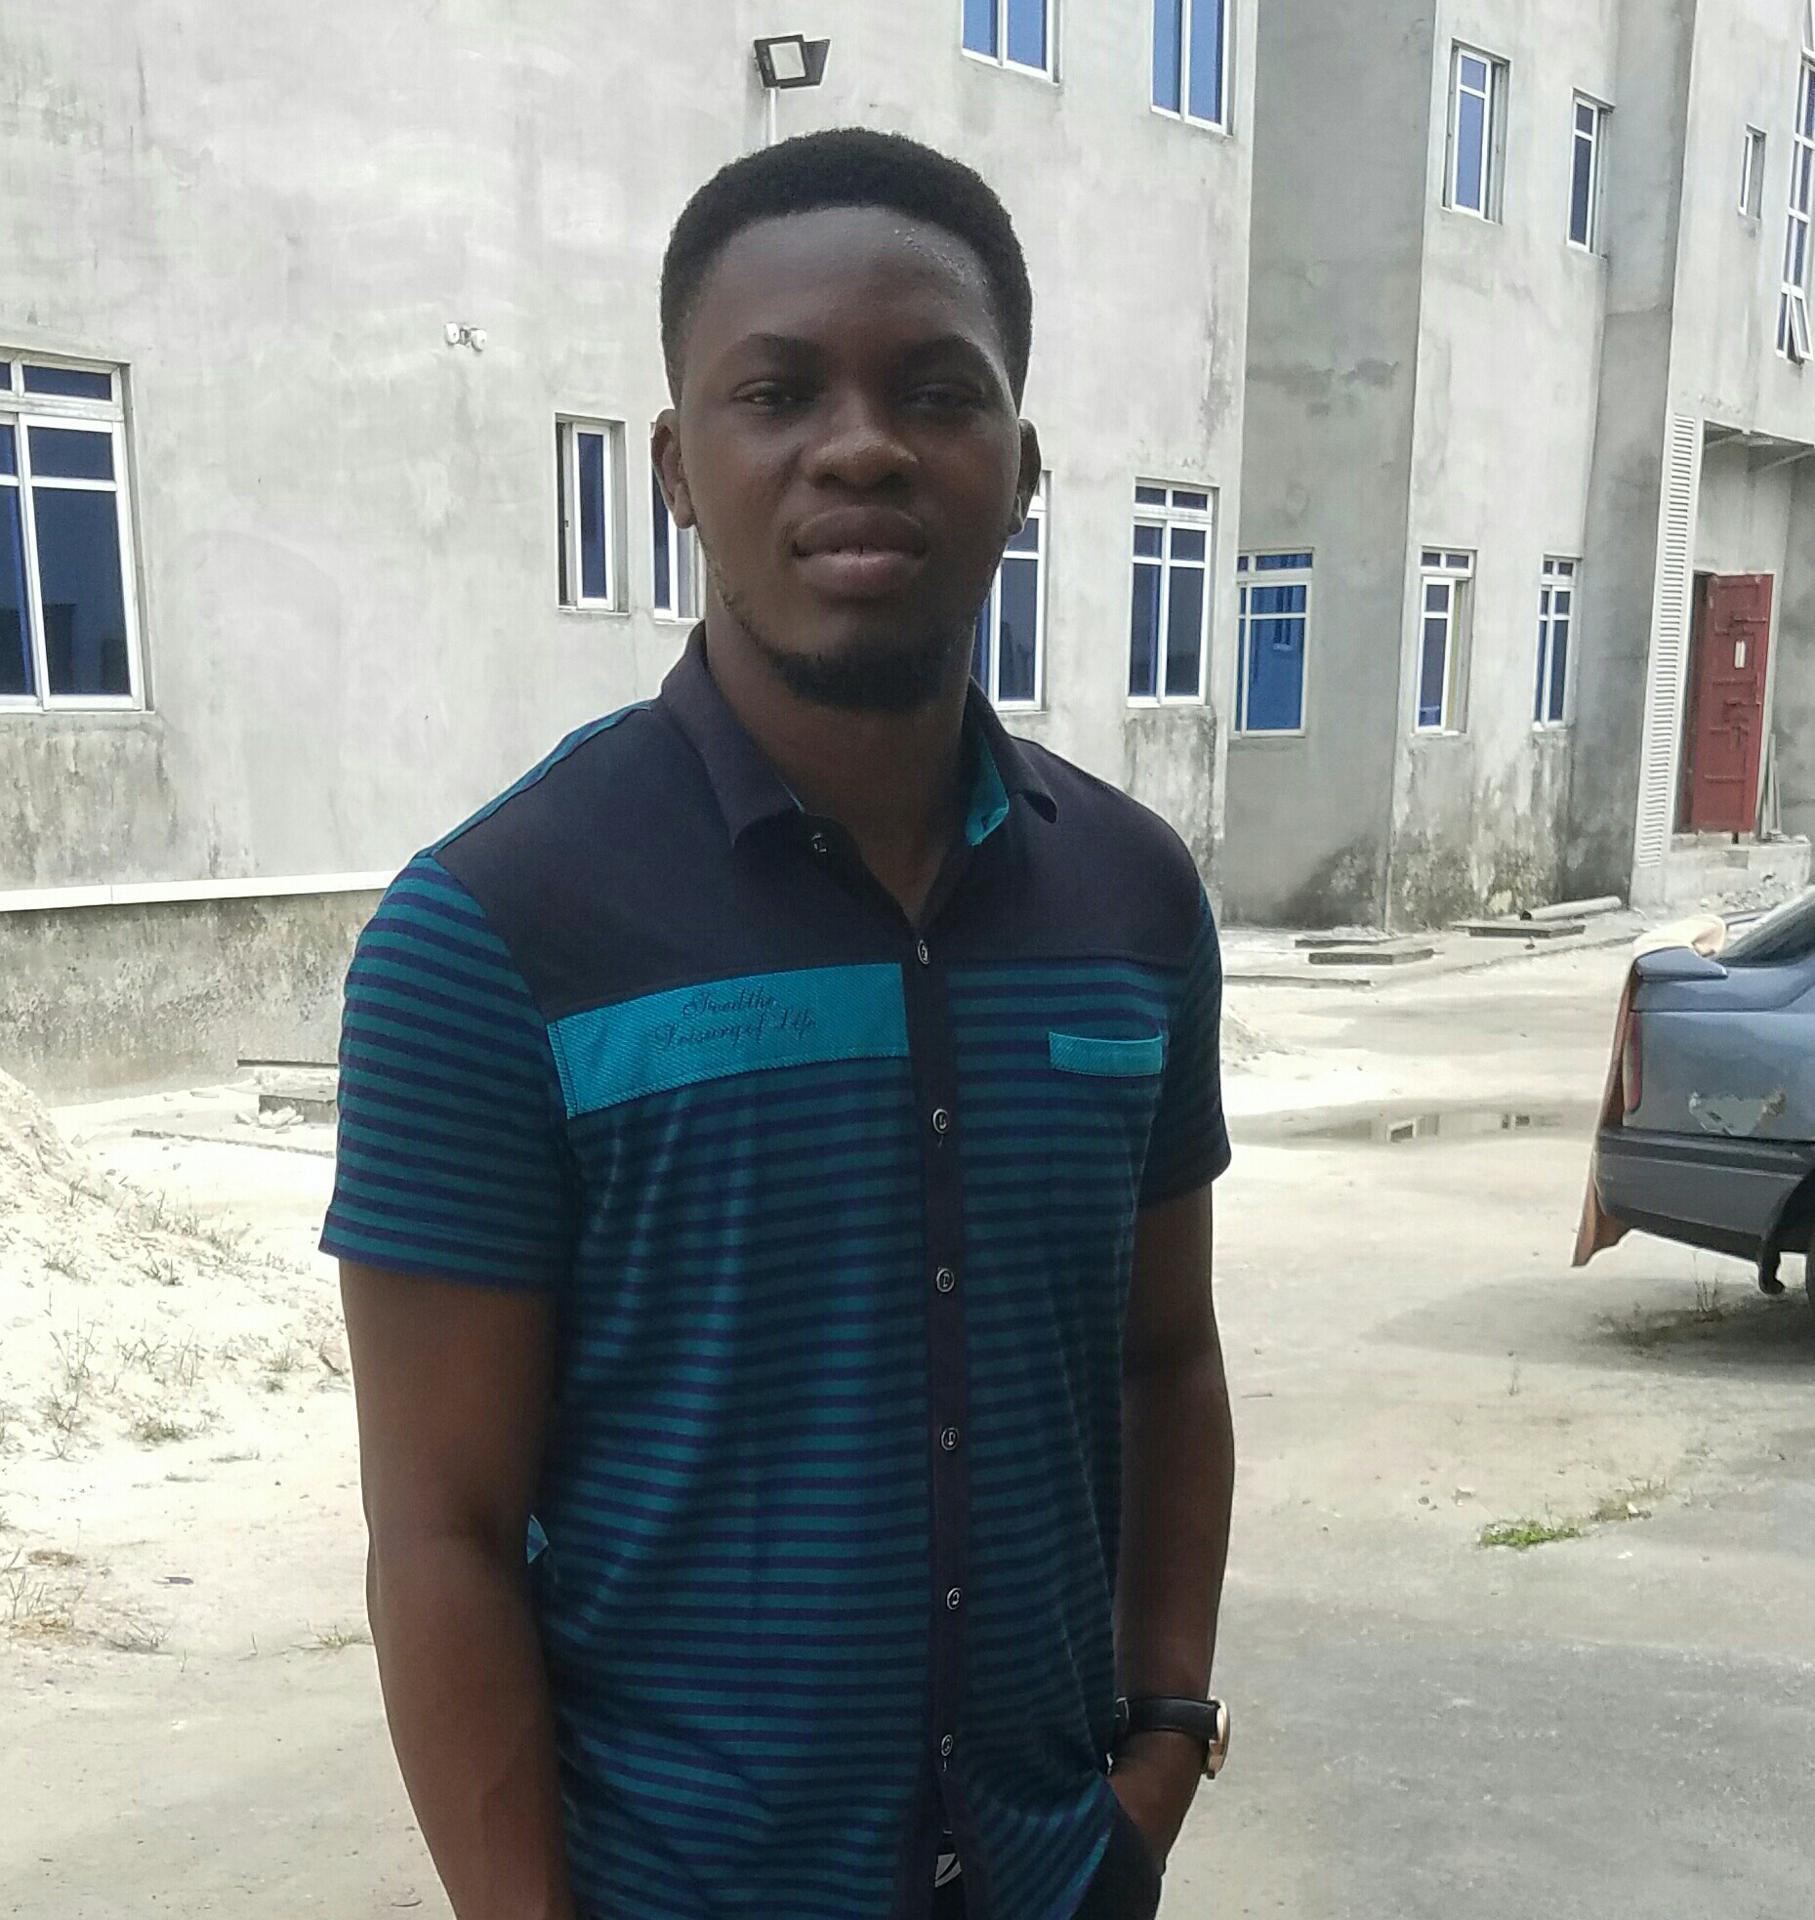 Nigeria czat strona randkowa